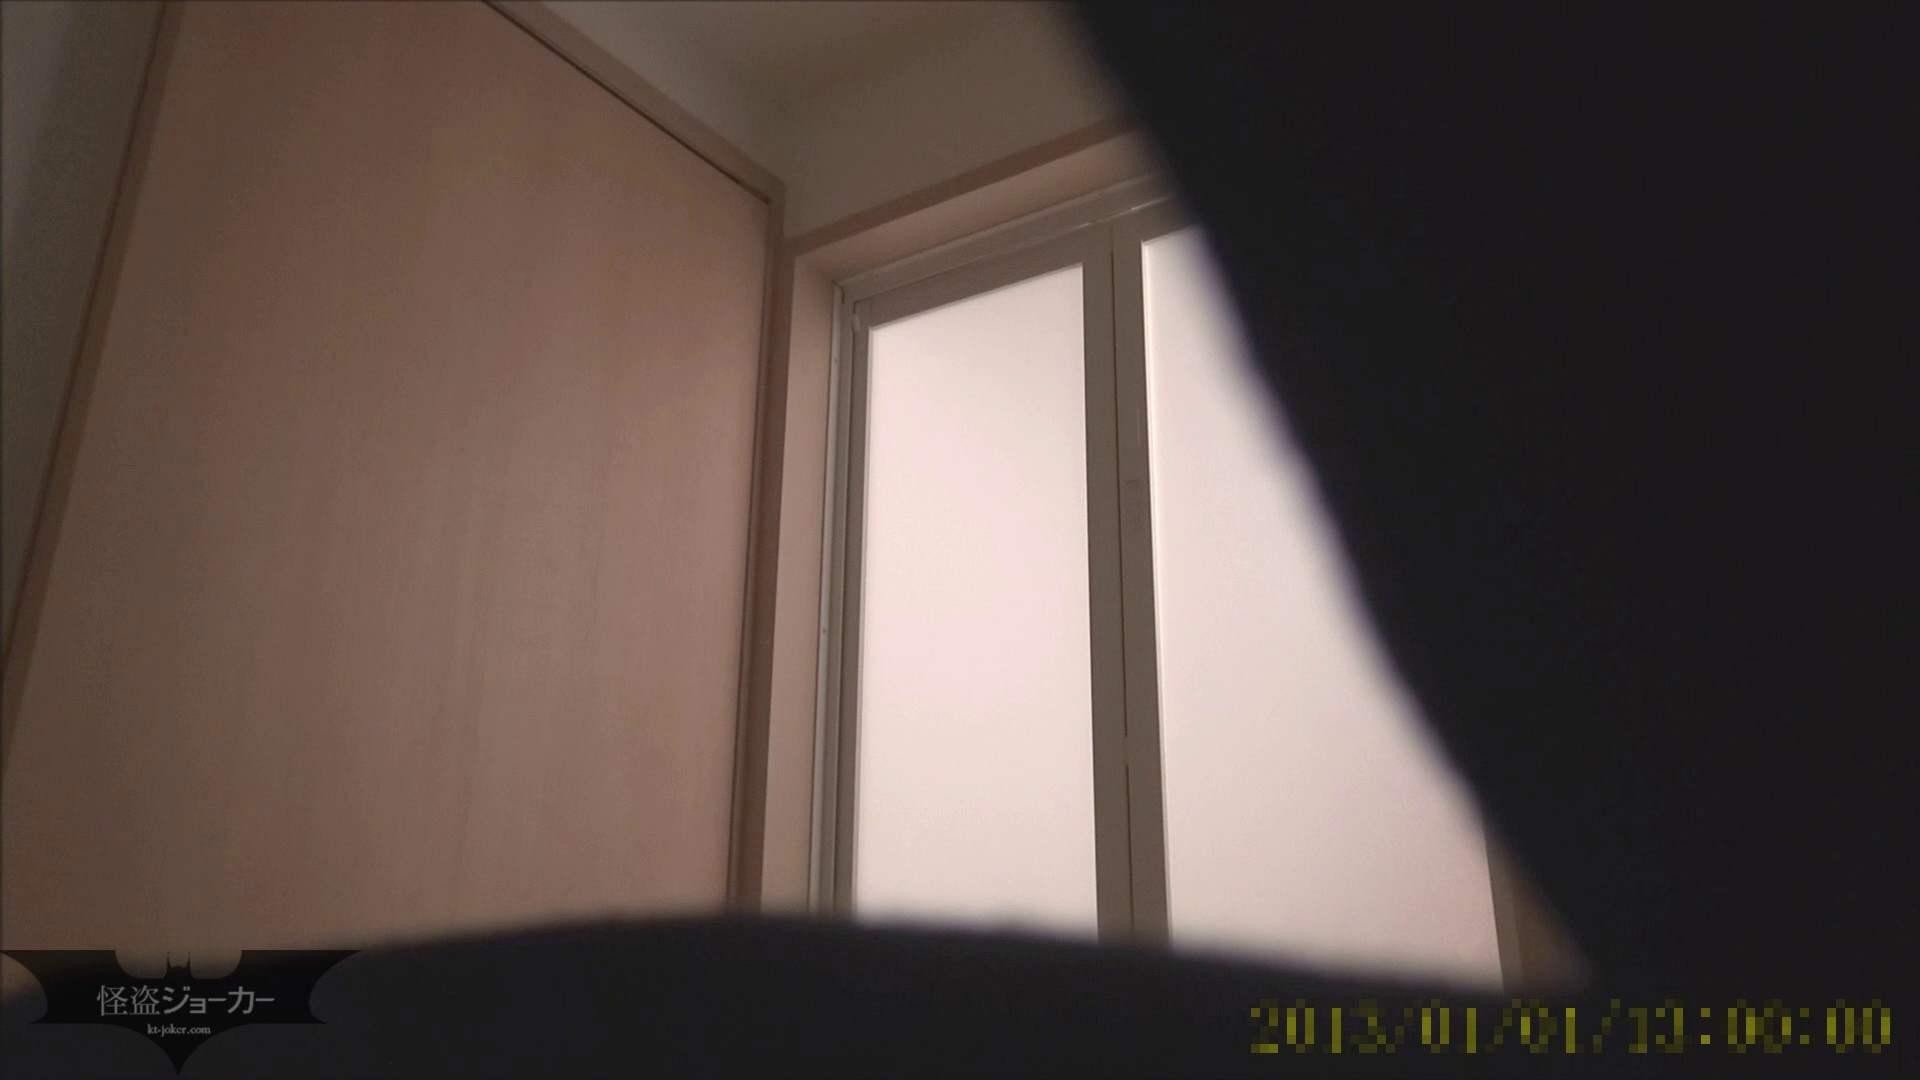 無料アダルト動画:【未公開】vol.103  {黒髪→茶髪ボブに変身}美巨乳アミちゃん④【前編】:怪盗ジョーカー